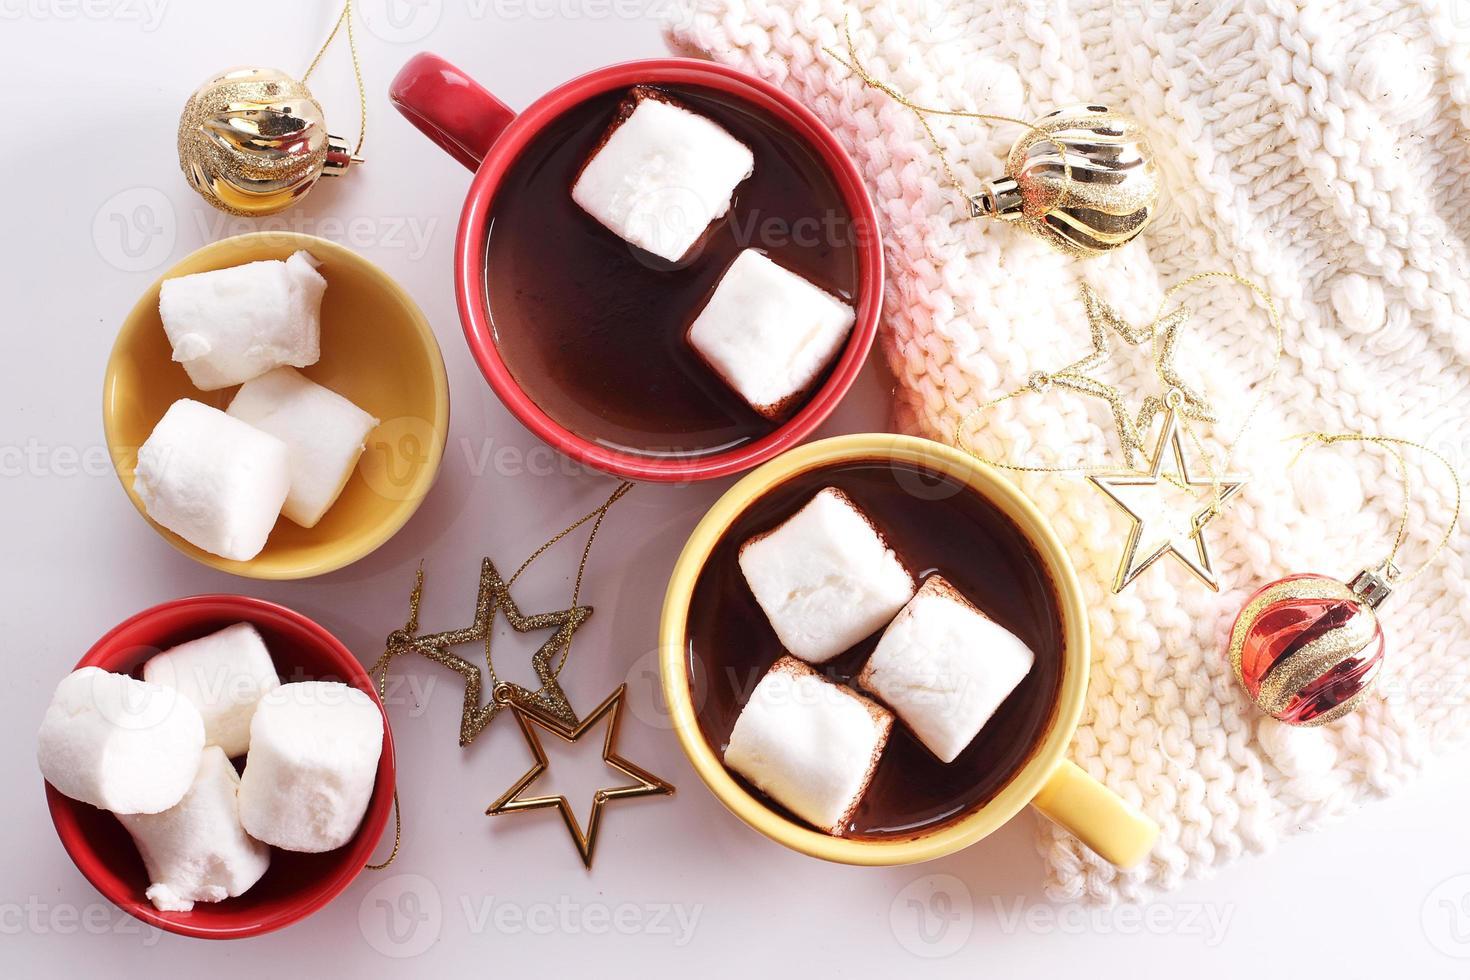 heißes Schokoladengetränk mit Feierdekorationen foto